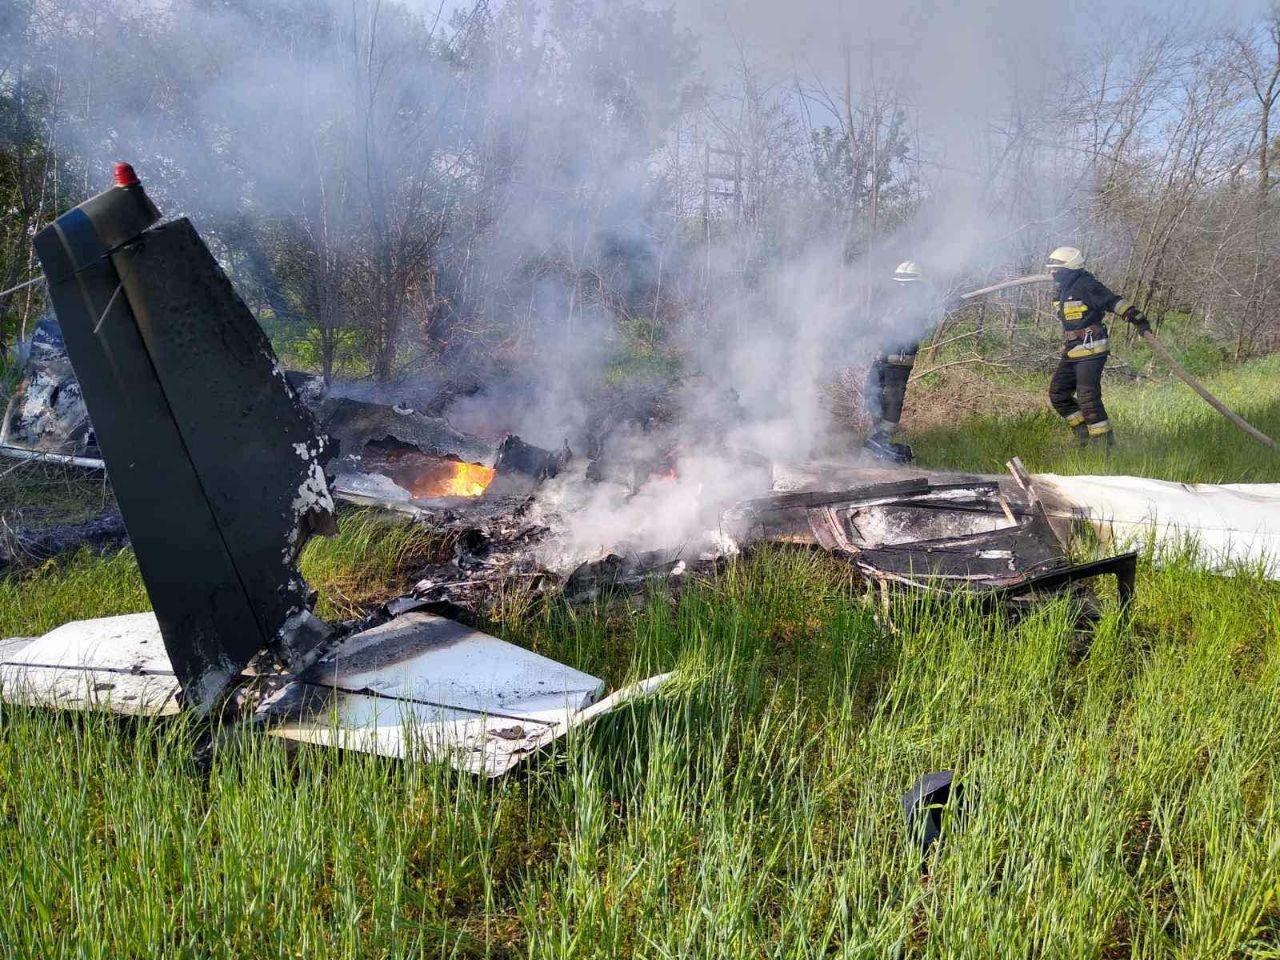 Под Днепром упал и загорелся частный самолет, есть погибшие - ФОТО, фото-2